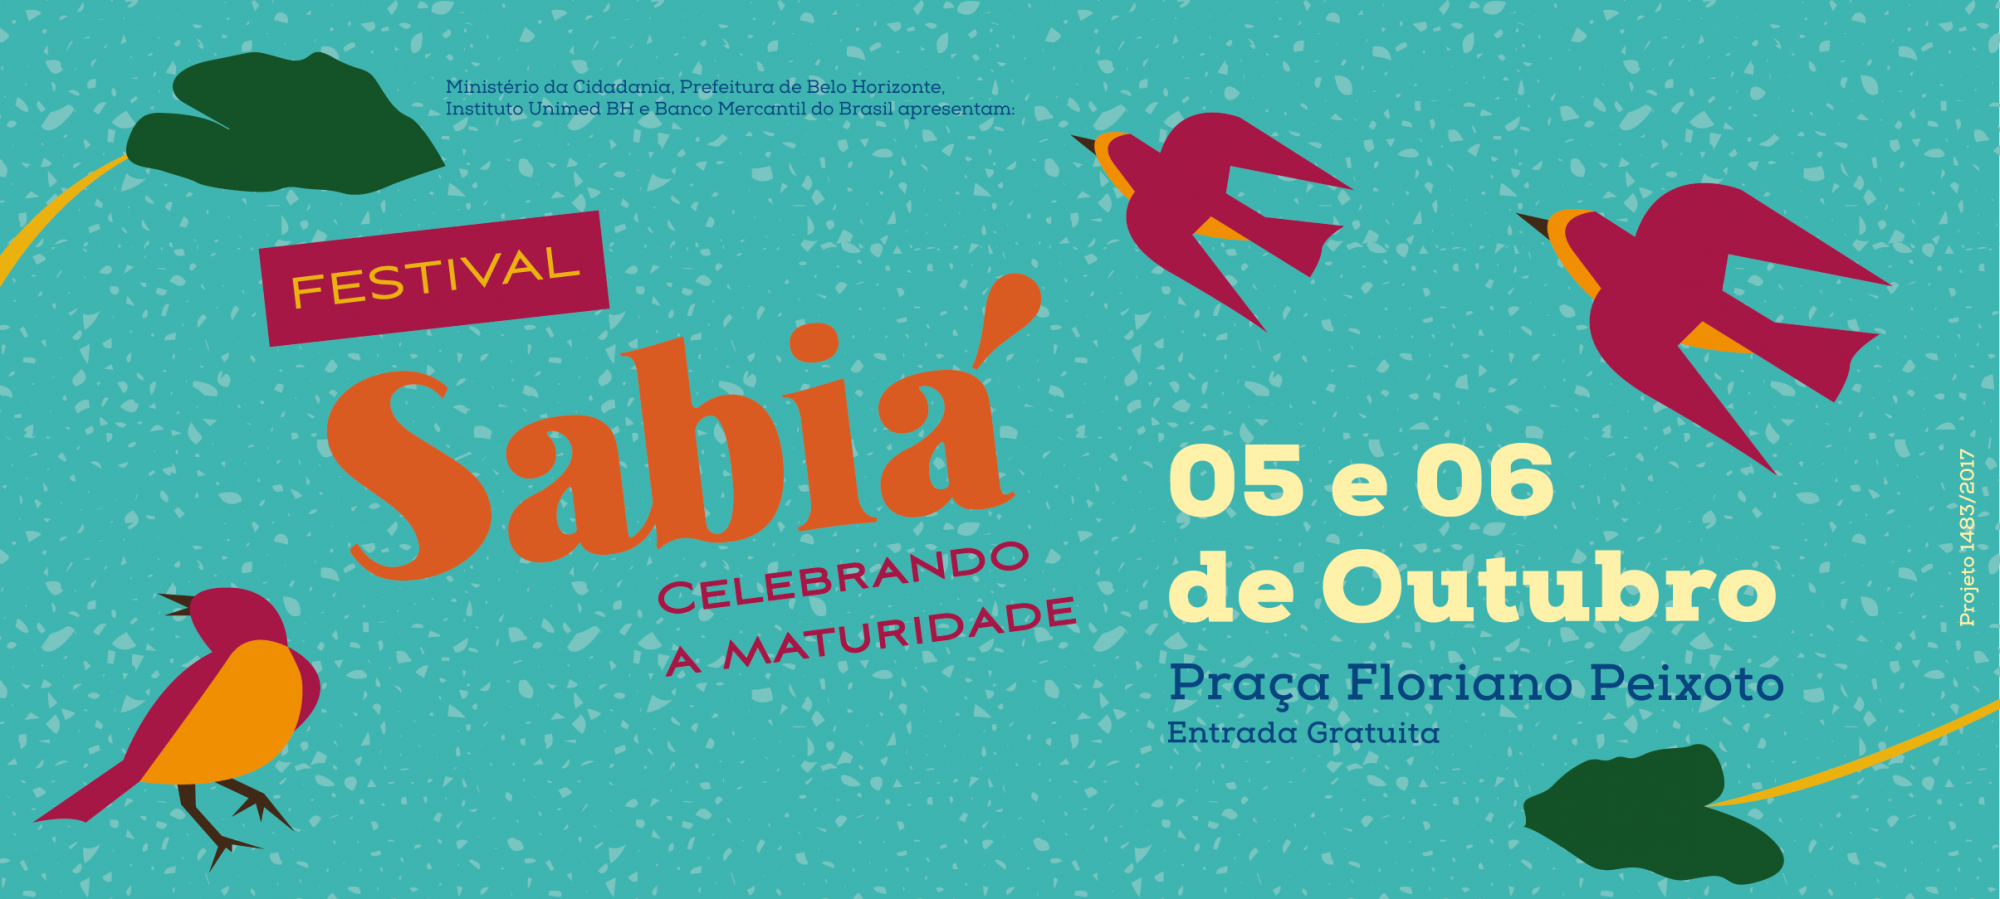 FESTIVAL SABIÁ | Celebrando a Maturidade